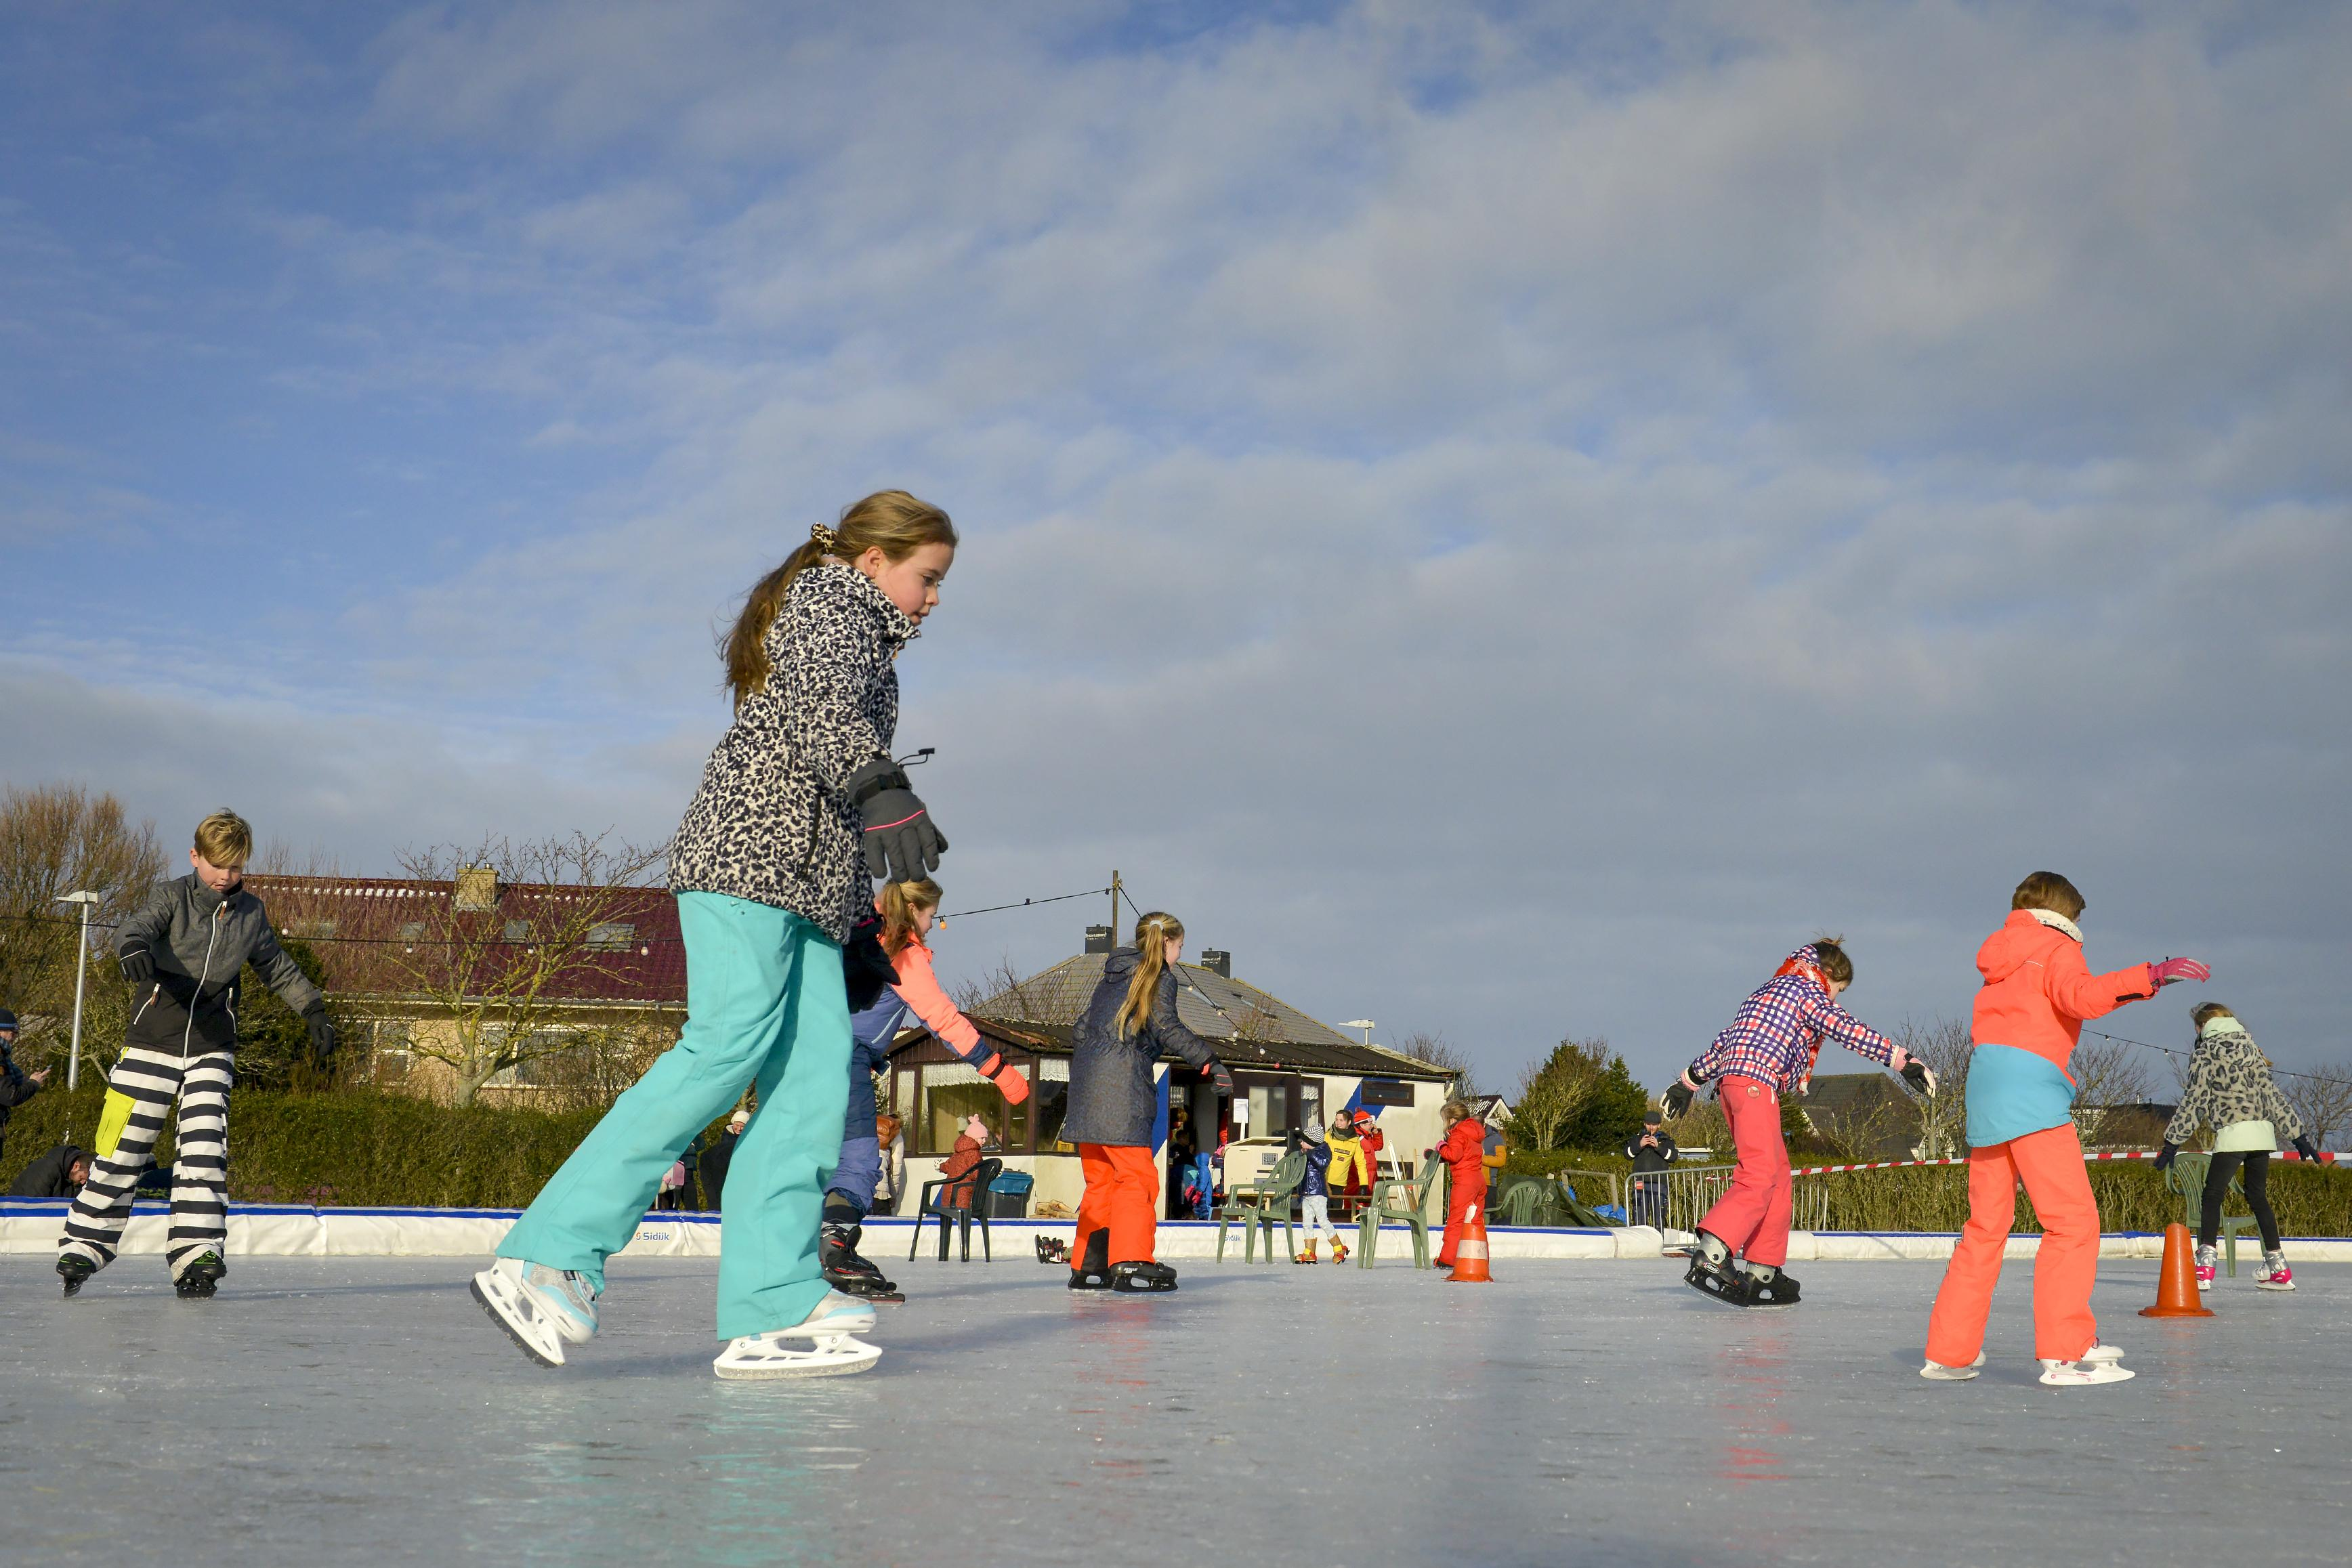 'We did it!' De vrolijke 'ijsmeesters' van De Koog openen de baan. Als eerste in de wijde omgeving. Met Rintje Ritsma